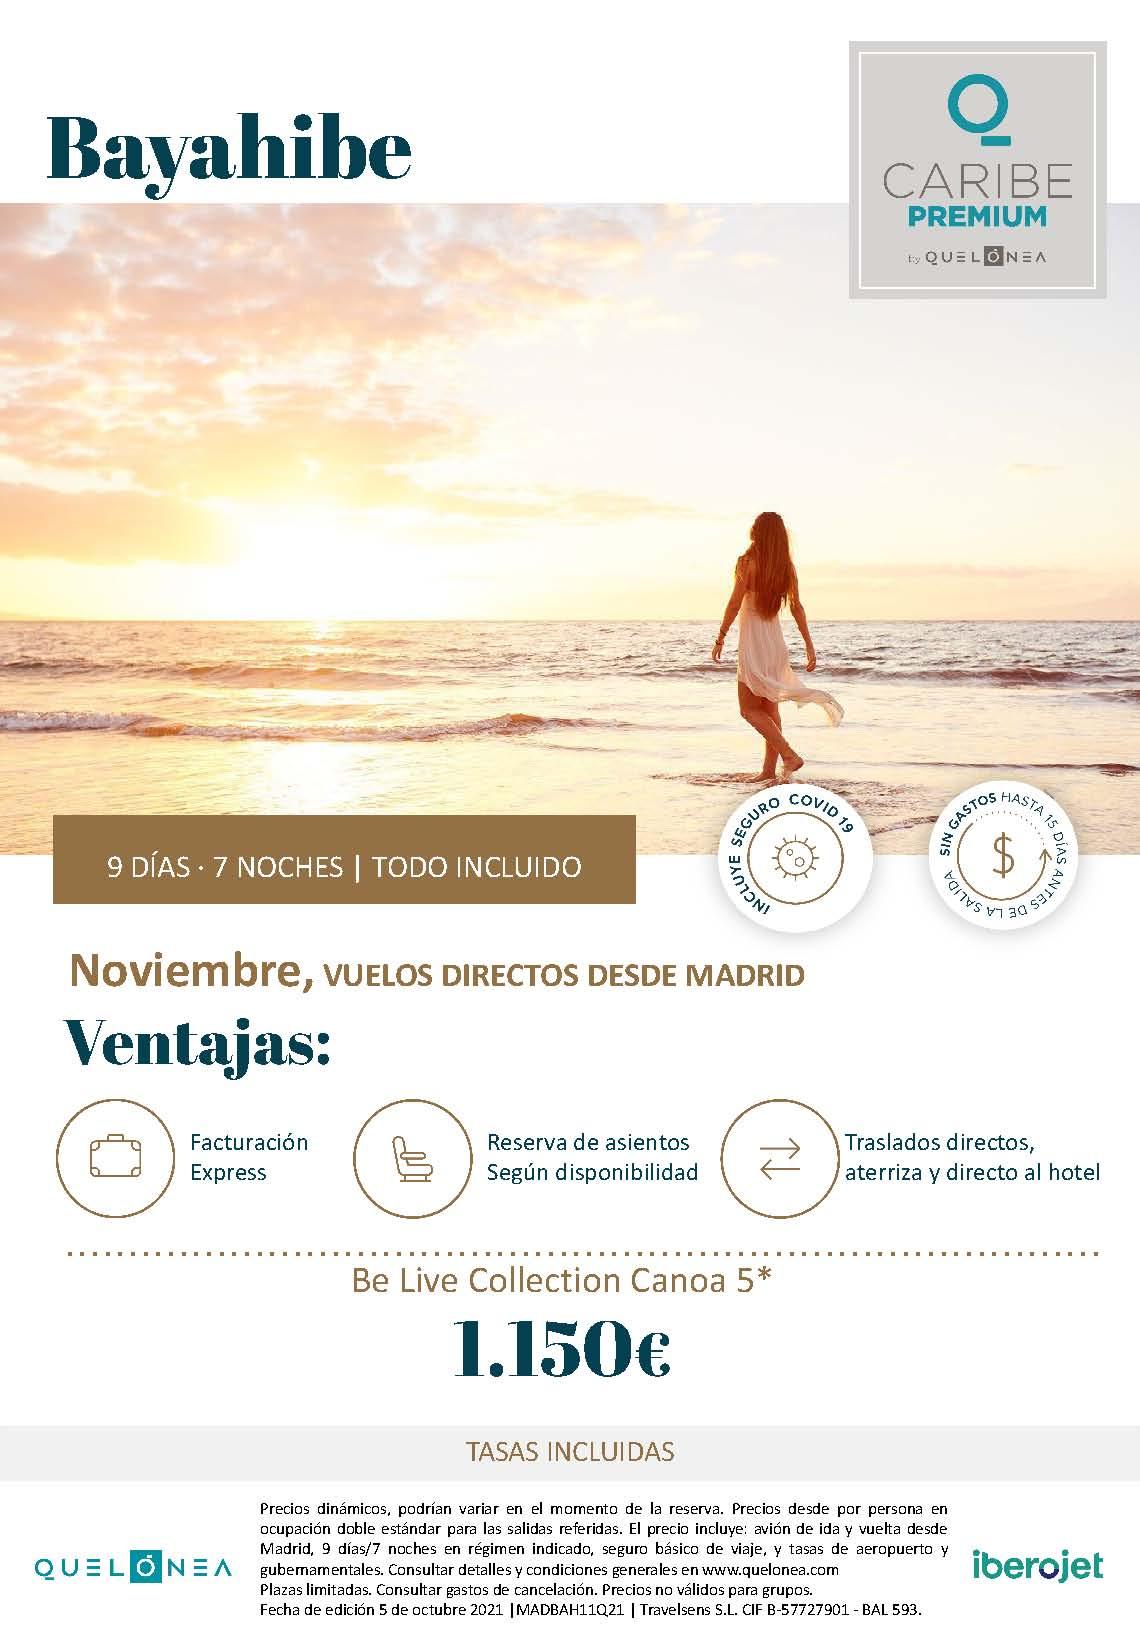 Ofertas Quelonea Caribe Premium Bayahibe en Noviembre 2021 salida en vuelo directo desde Madrid